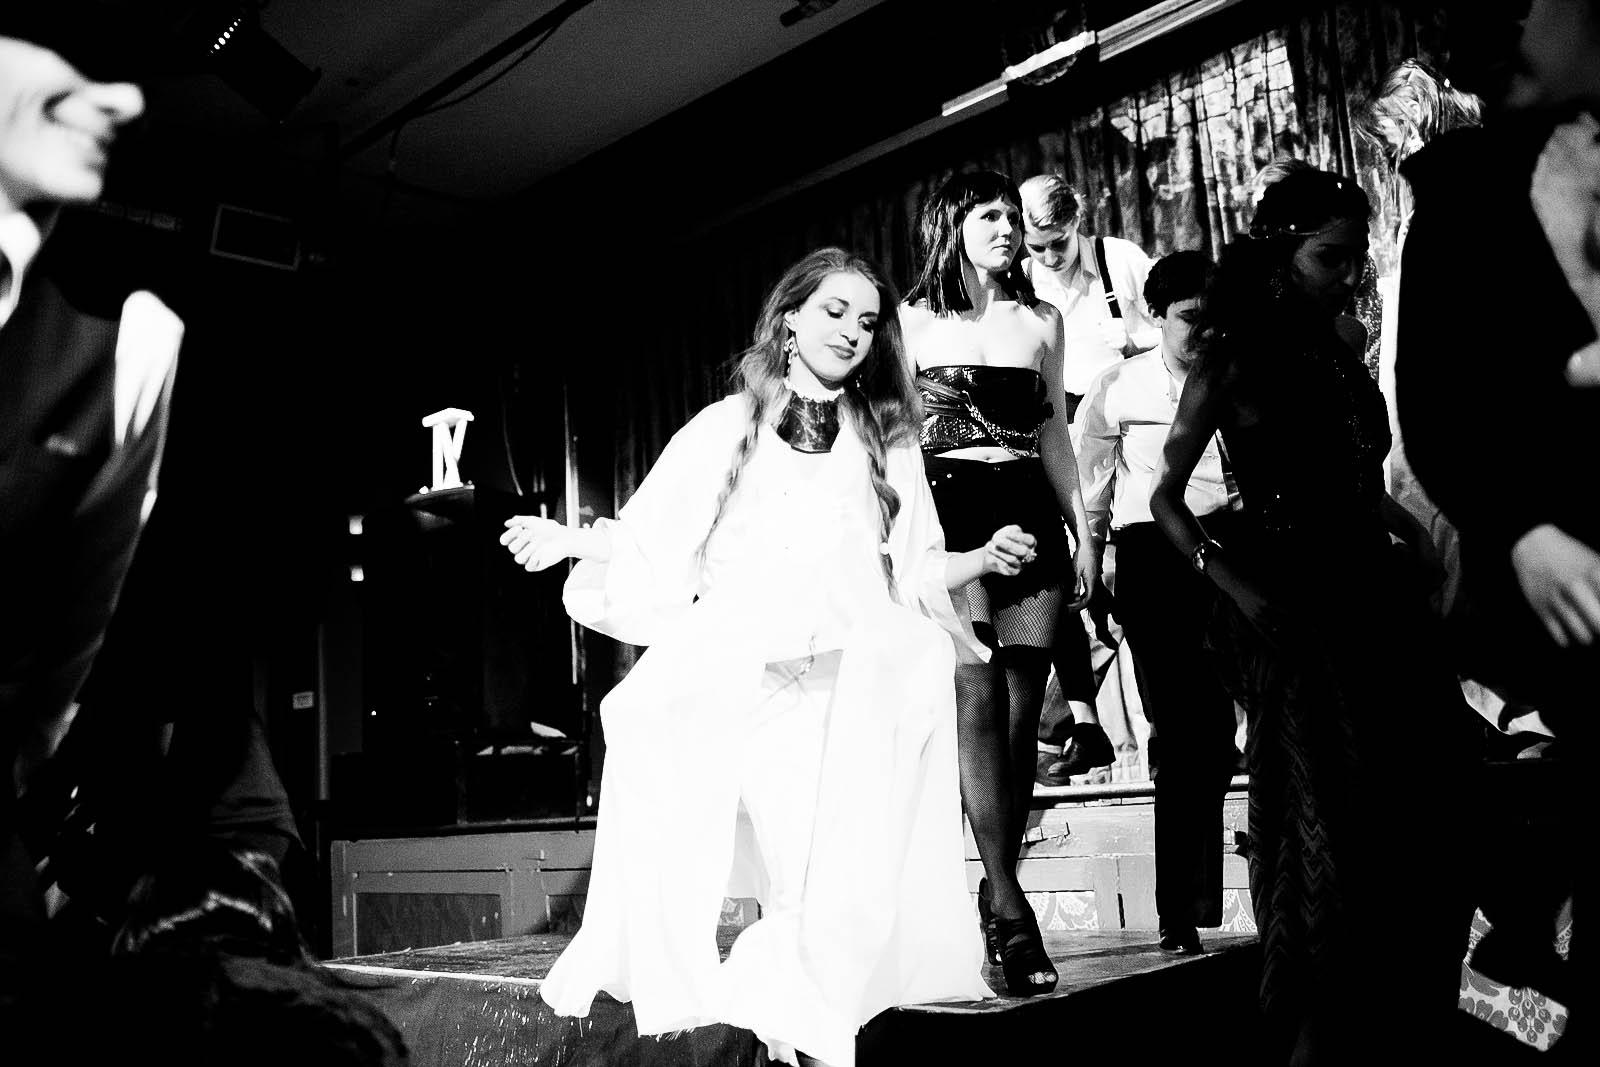 2013 - Luisa Muhr